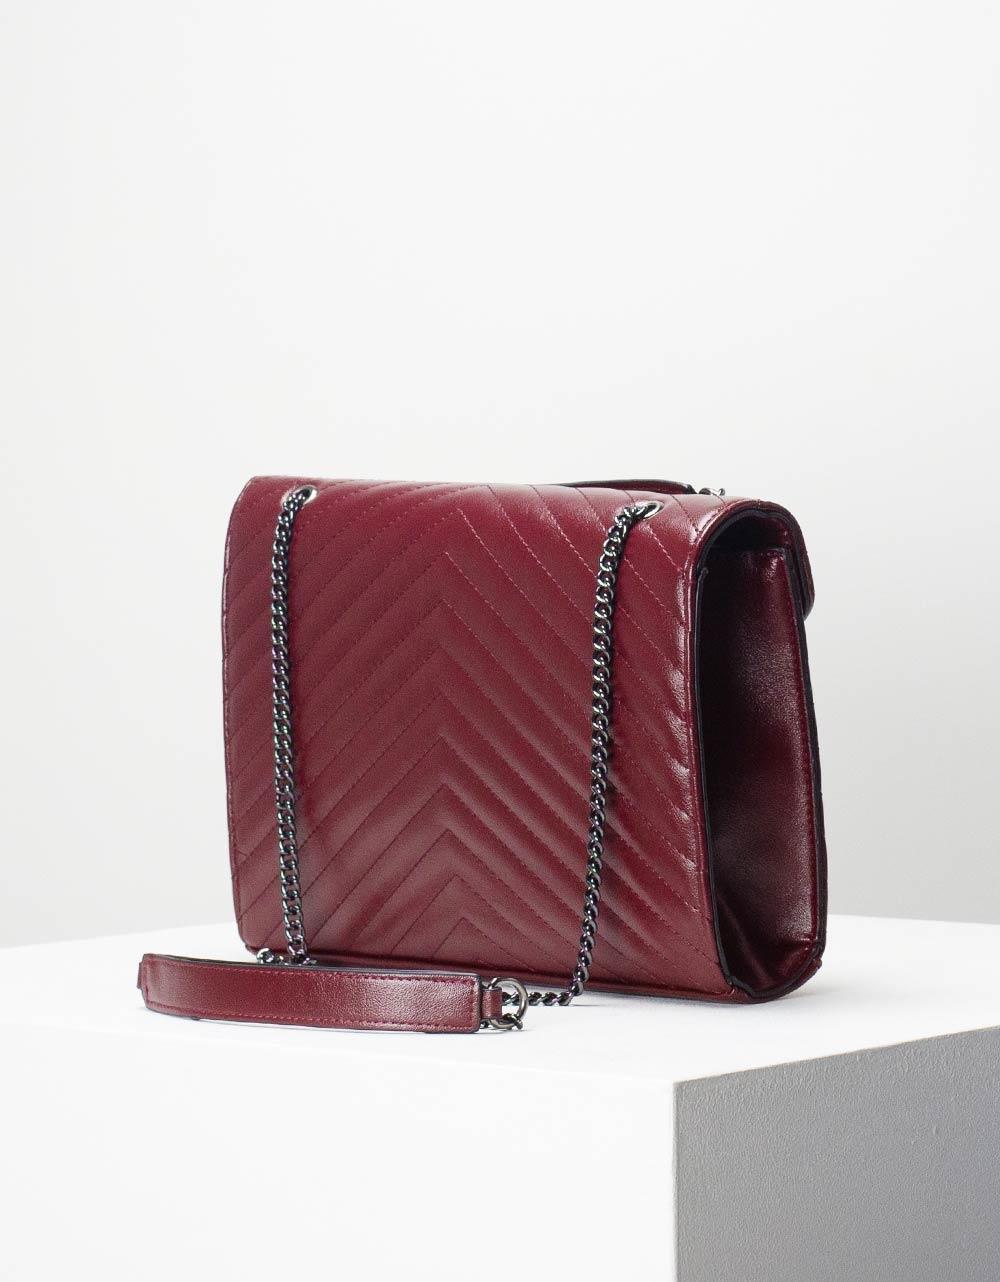 Εικόνα από Γυναικεία τσάντα ώμου & χιαστί μονόχρωμη Μπορντώ